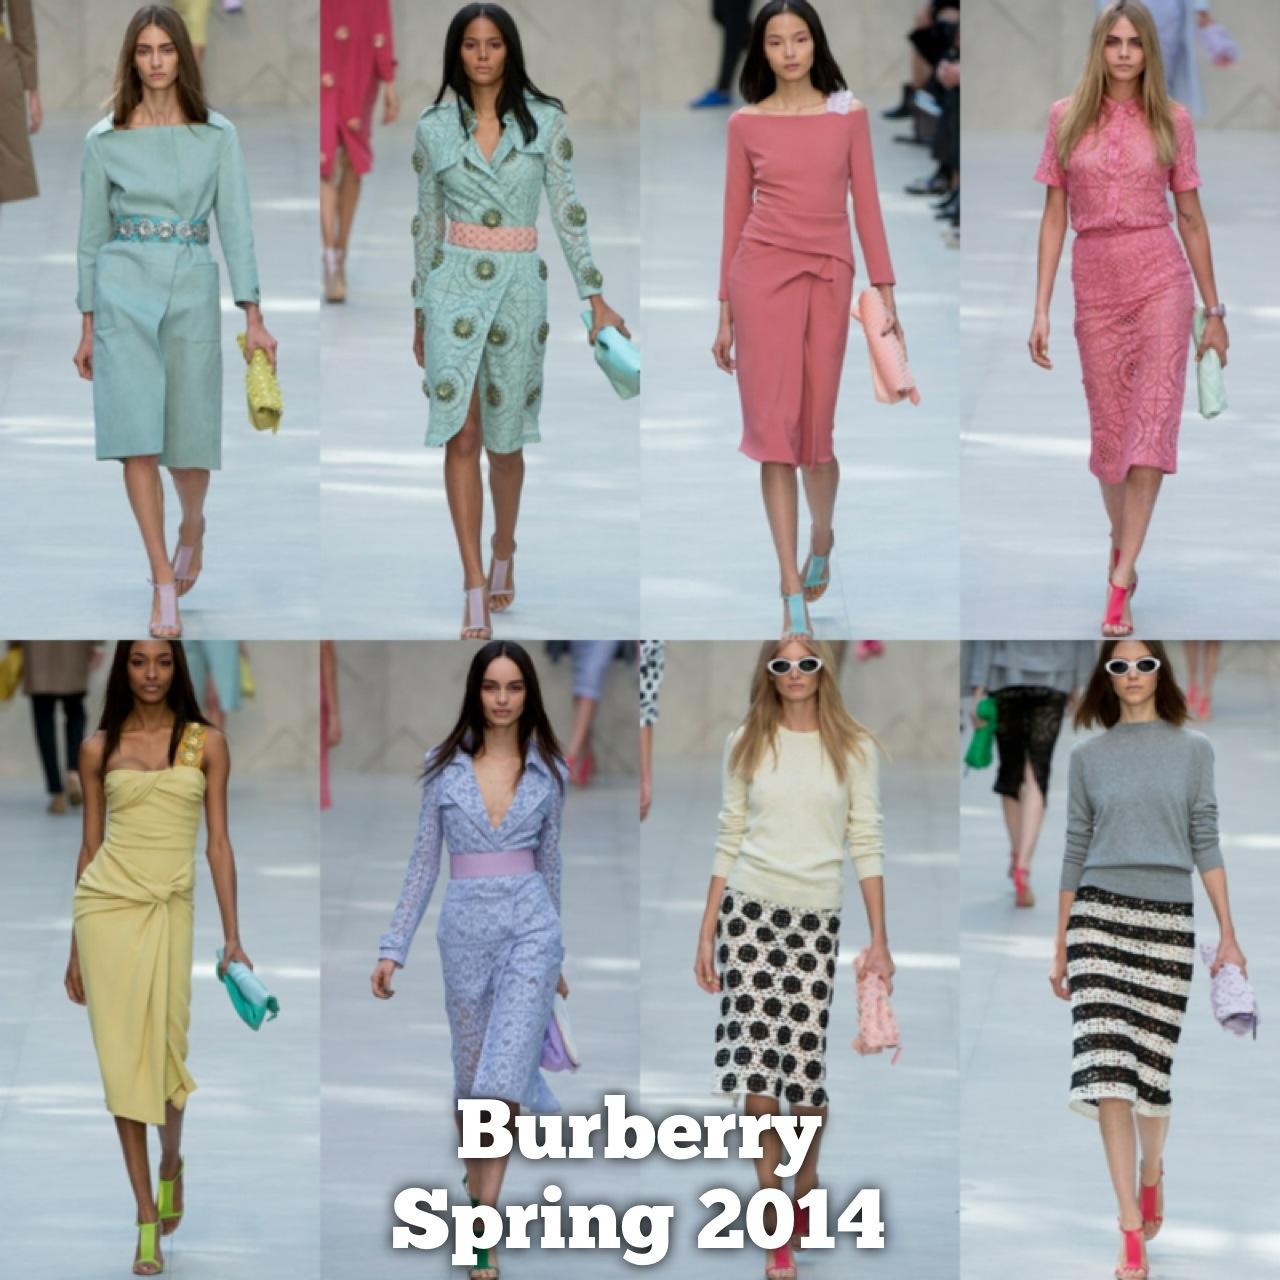 2014 Spring Burberry